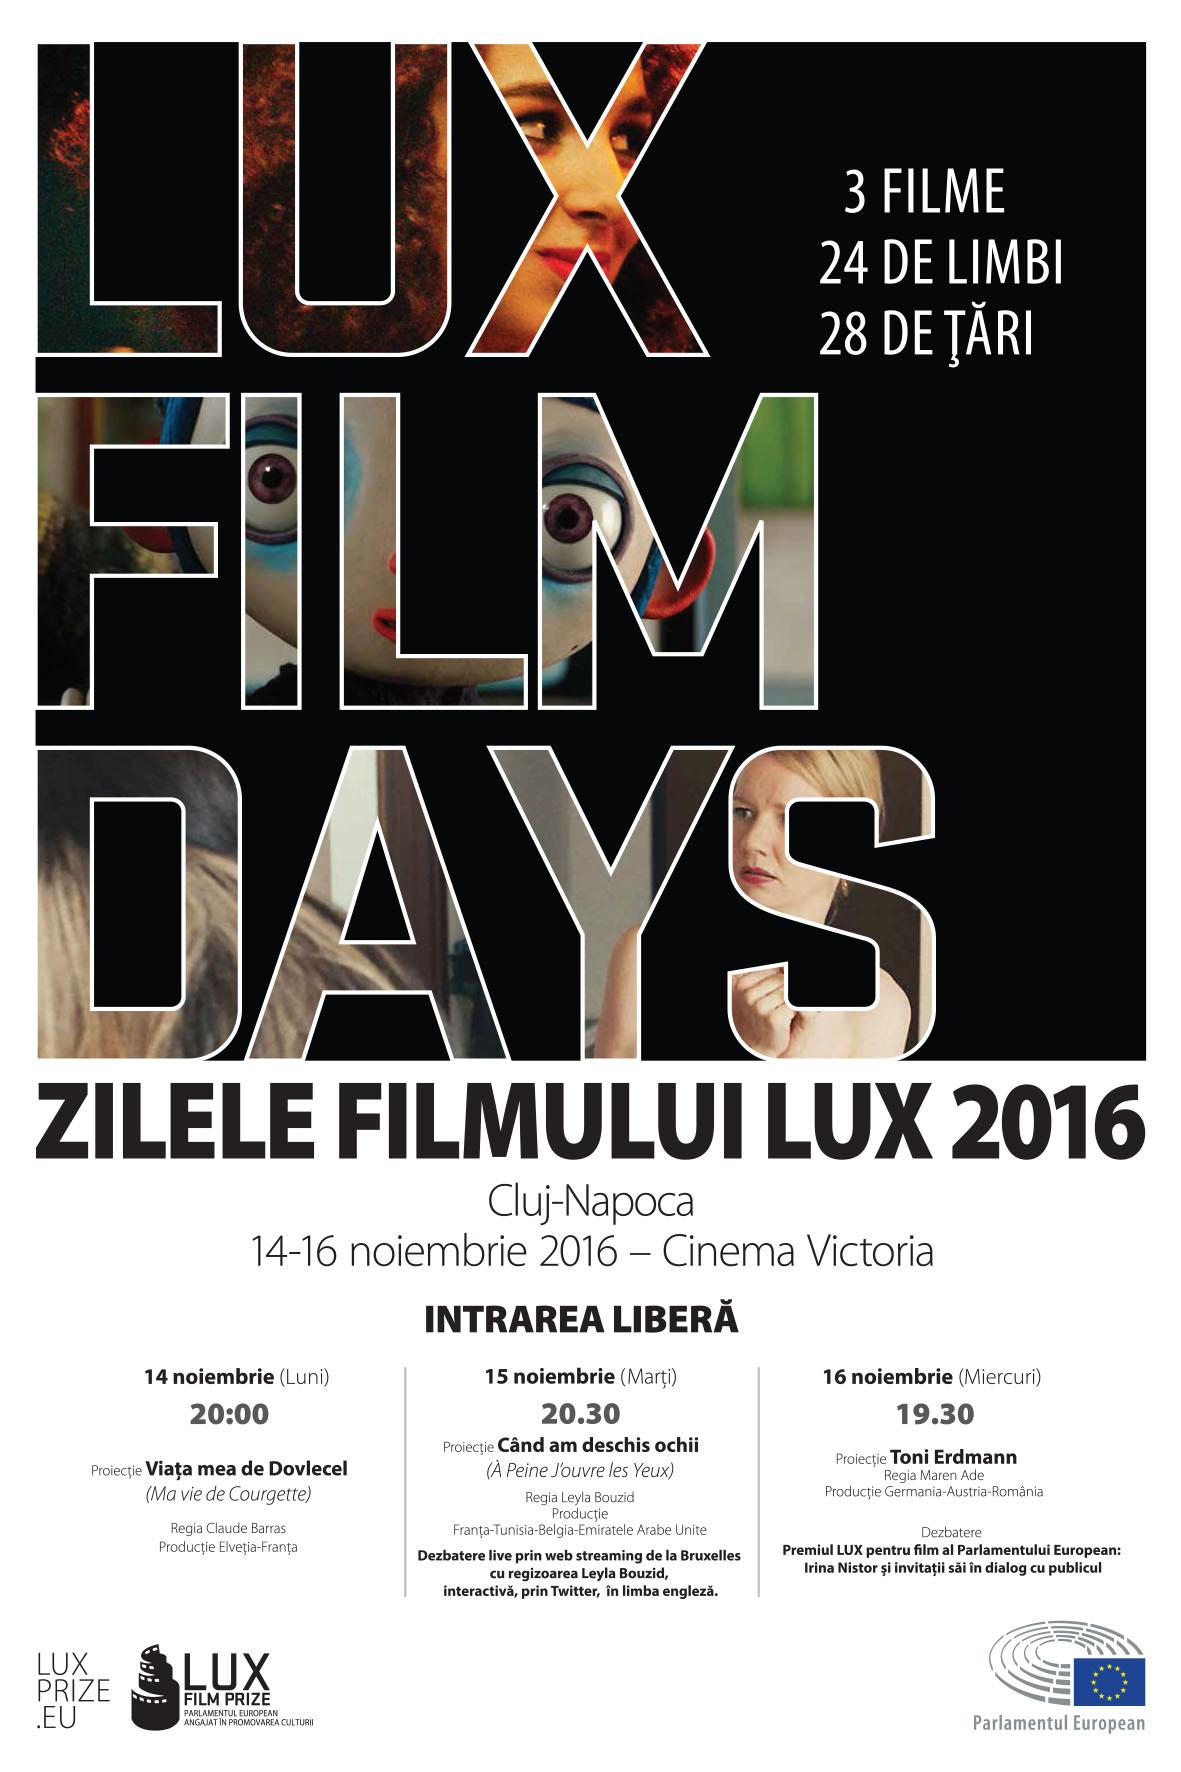 Zilele Filmului LUX revin la Cluj: dezbateri și proiecții de film cu intrare liberă, în perioada 14-16 noiembrie, la Cinema Victoria